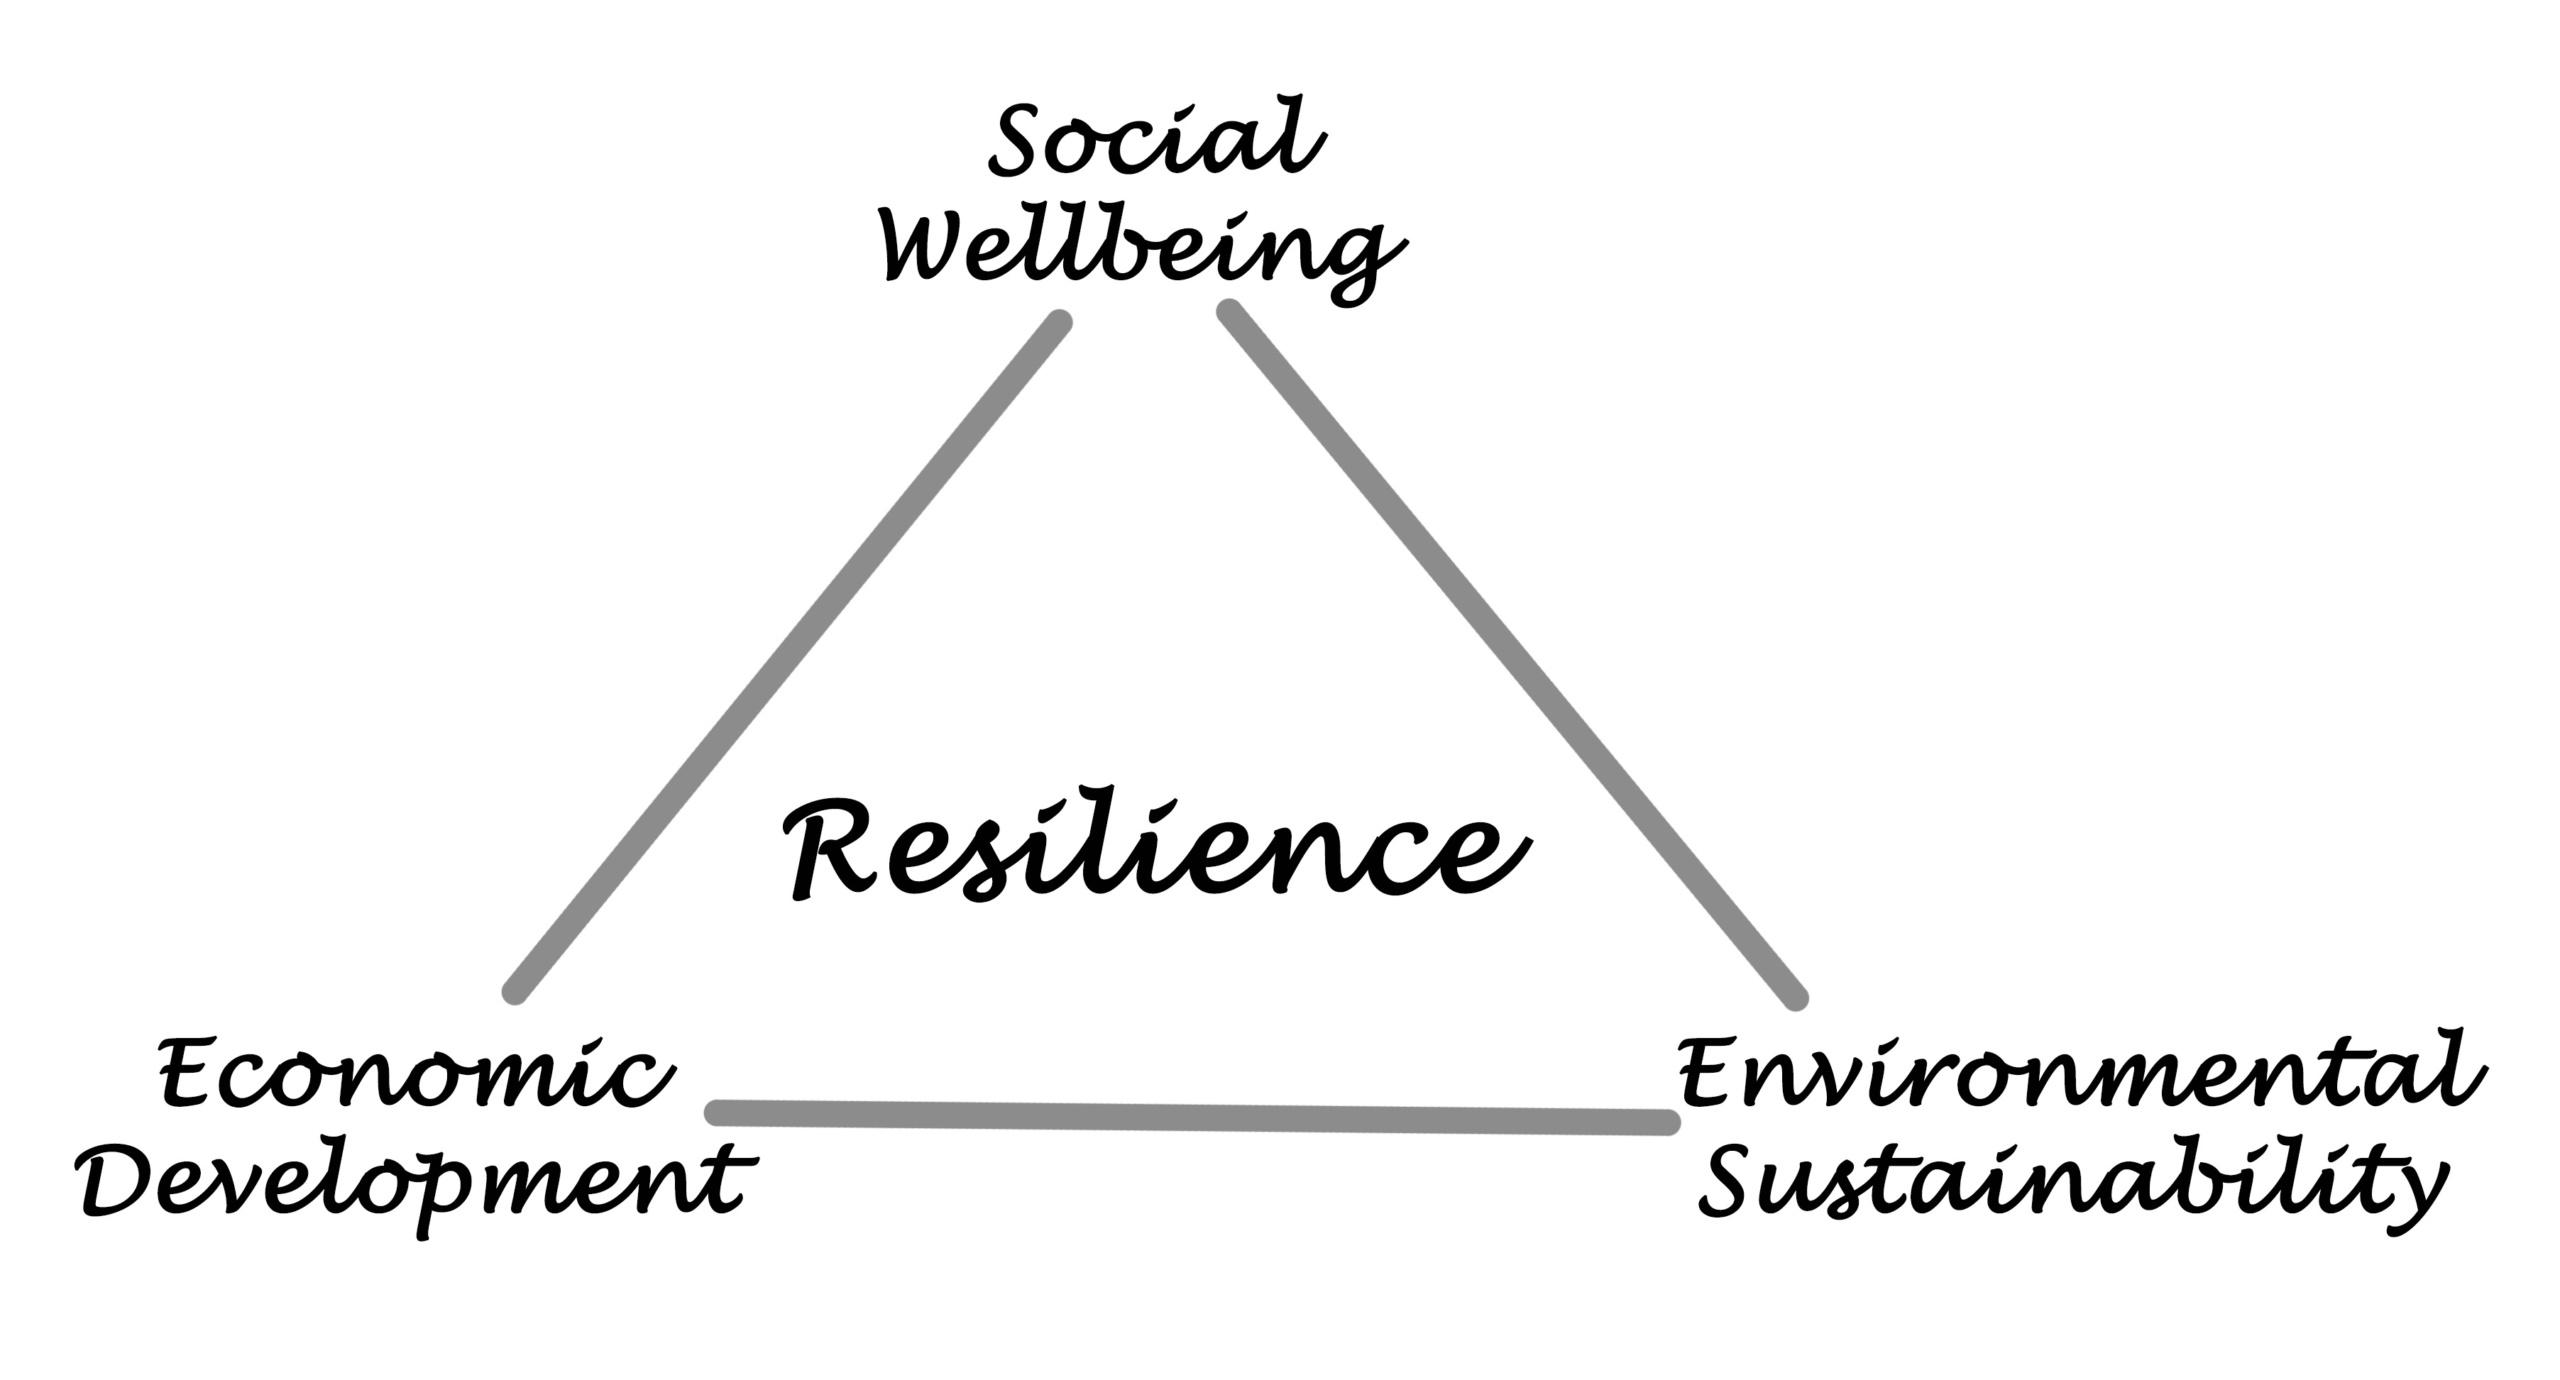 société plus résiliente et durable